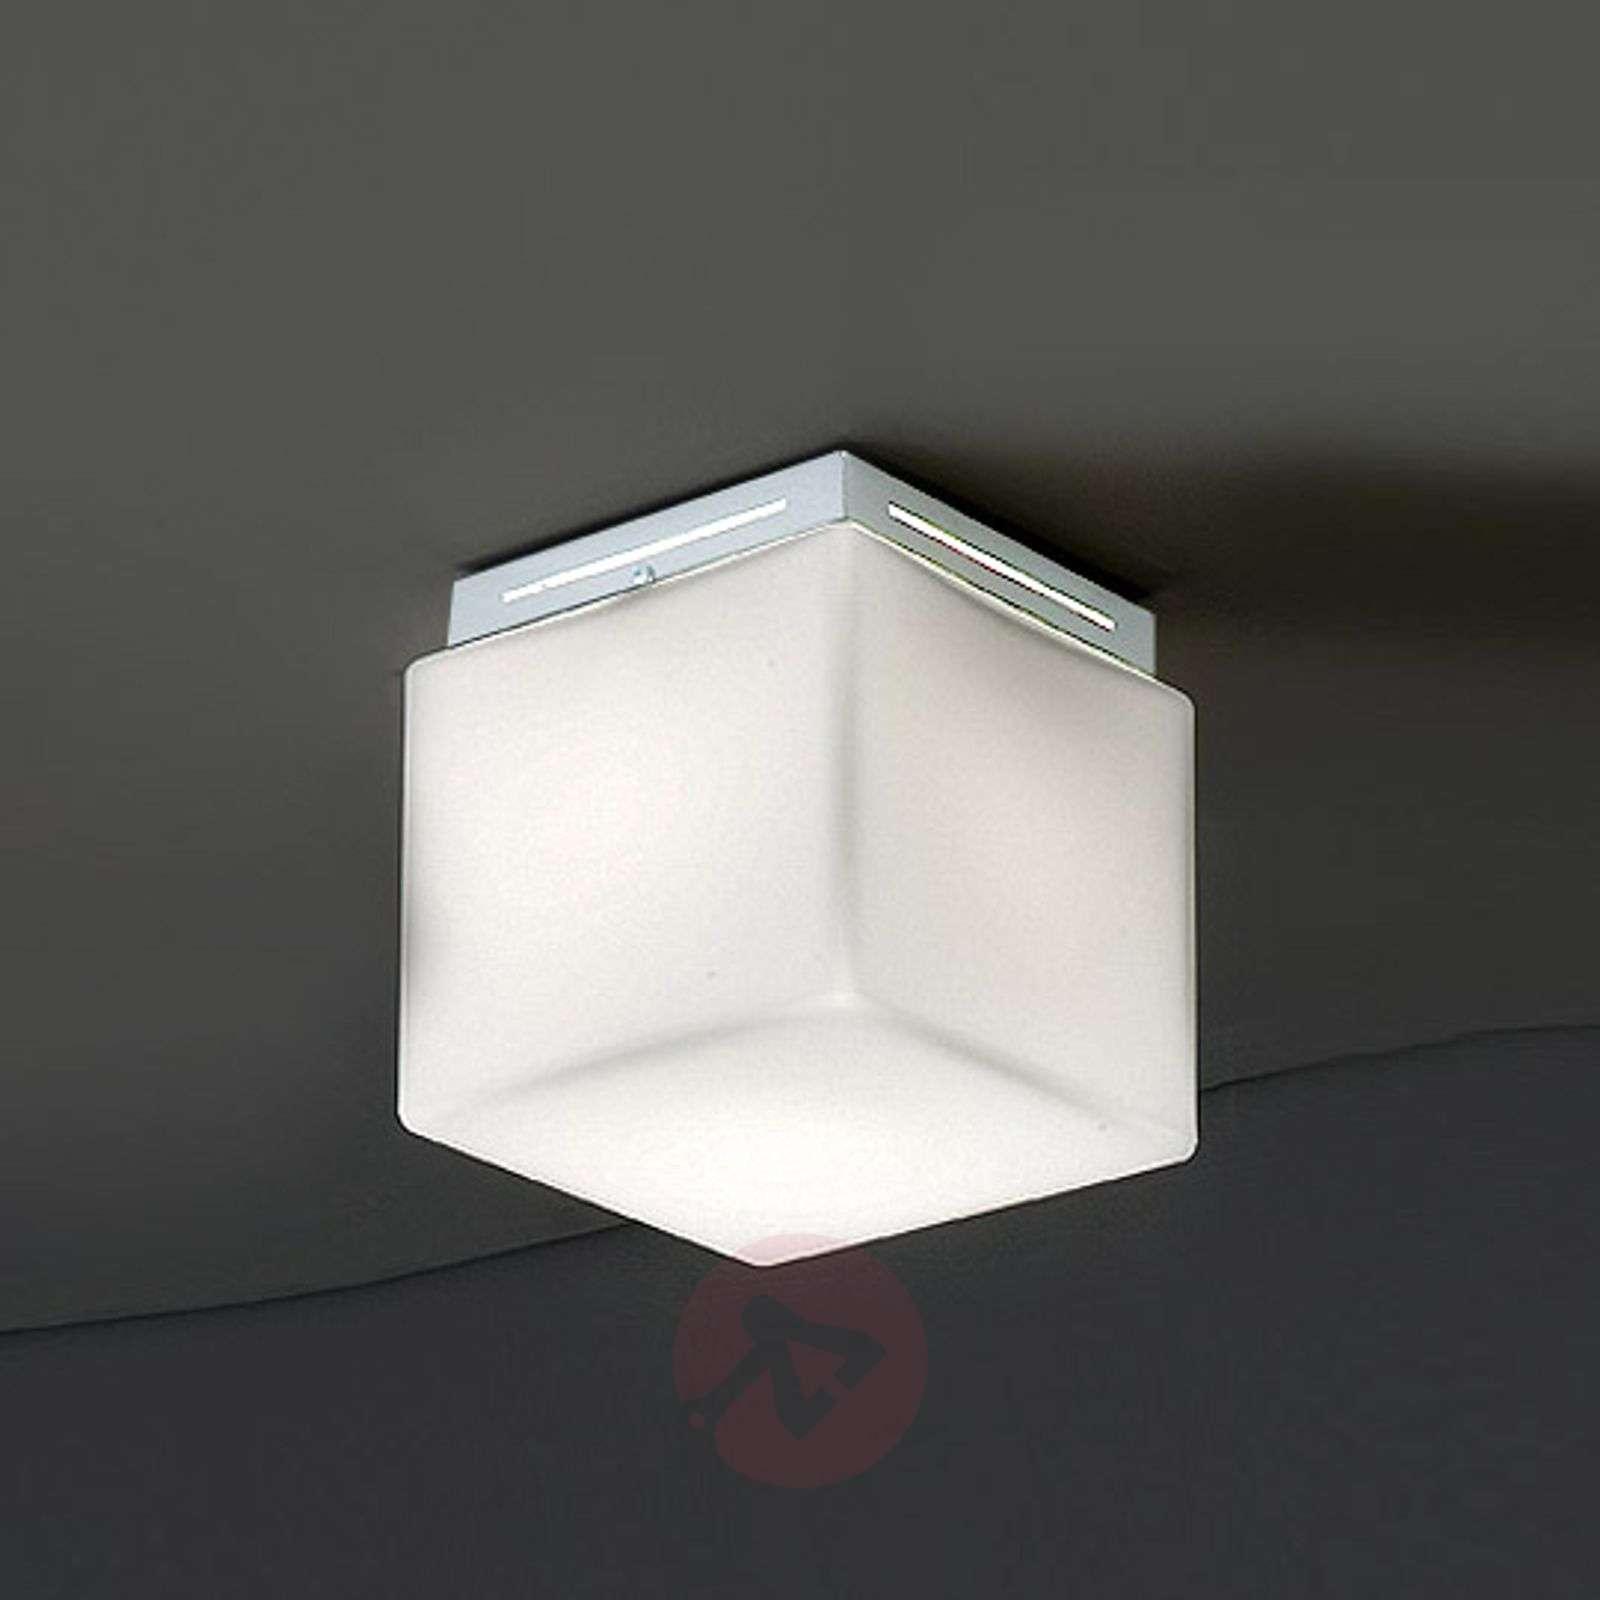 Valkoinen Cubis-kattovalaisin-1053223-01